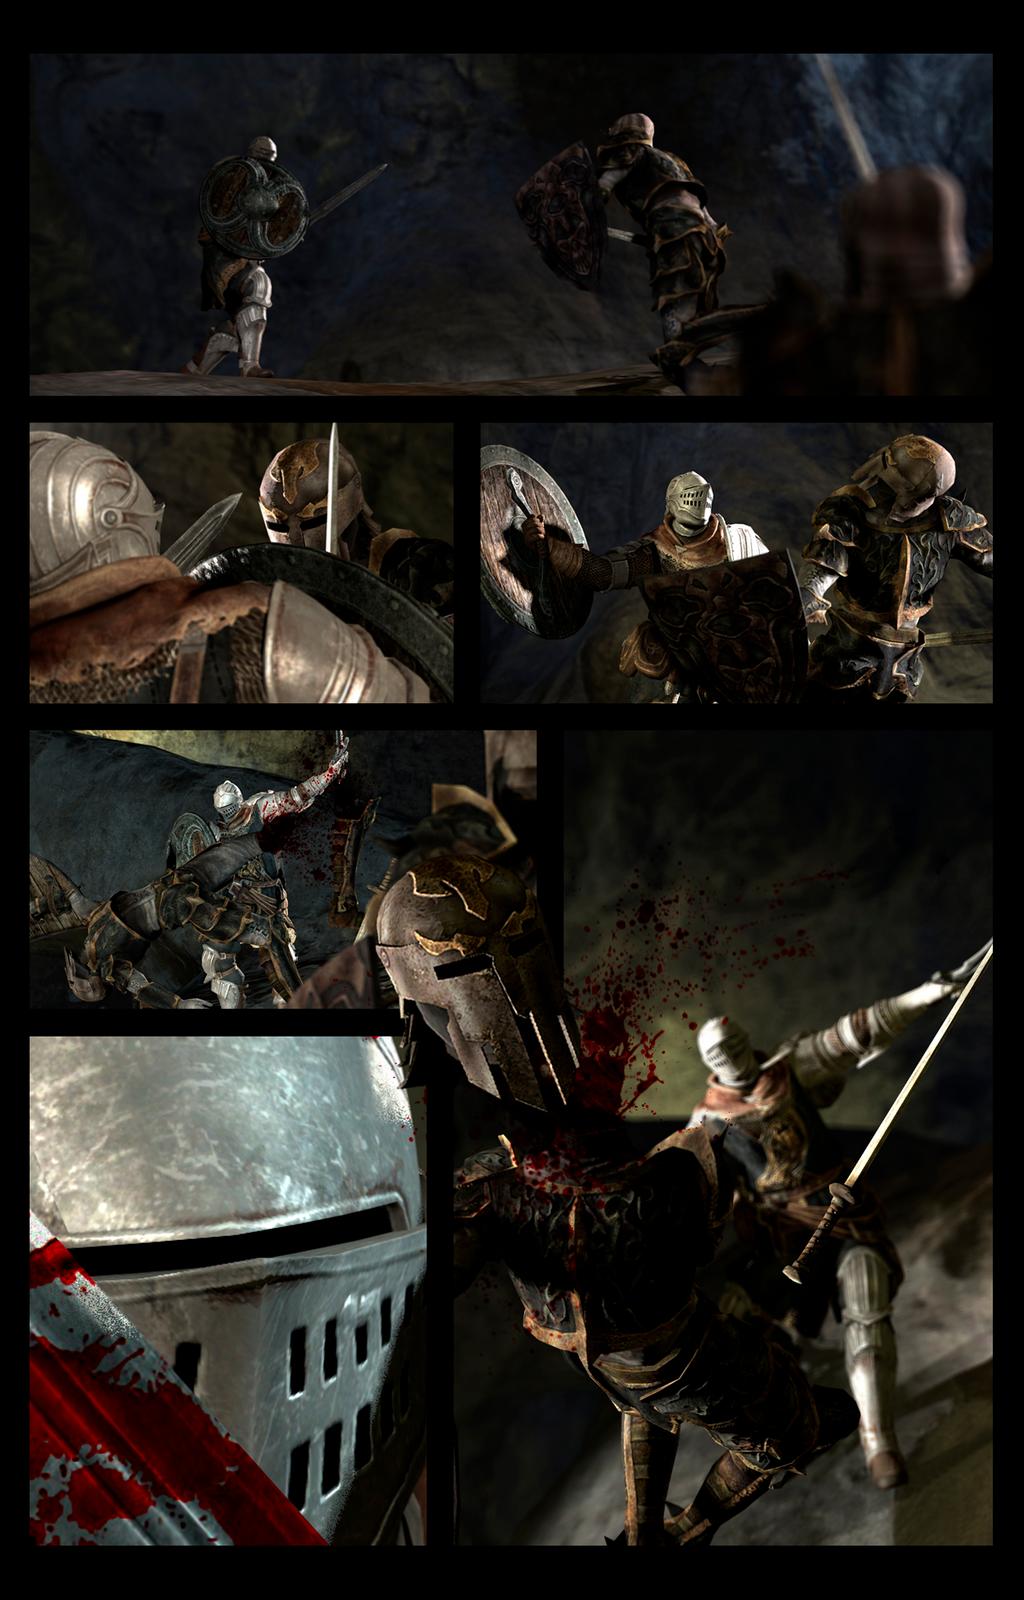 Dark Souls dude vs Vampire Knigths by TheMegarinat